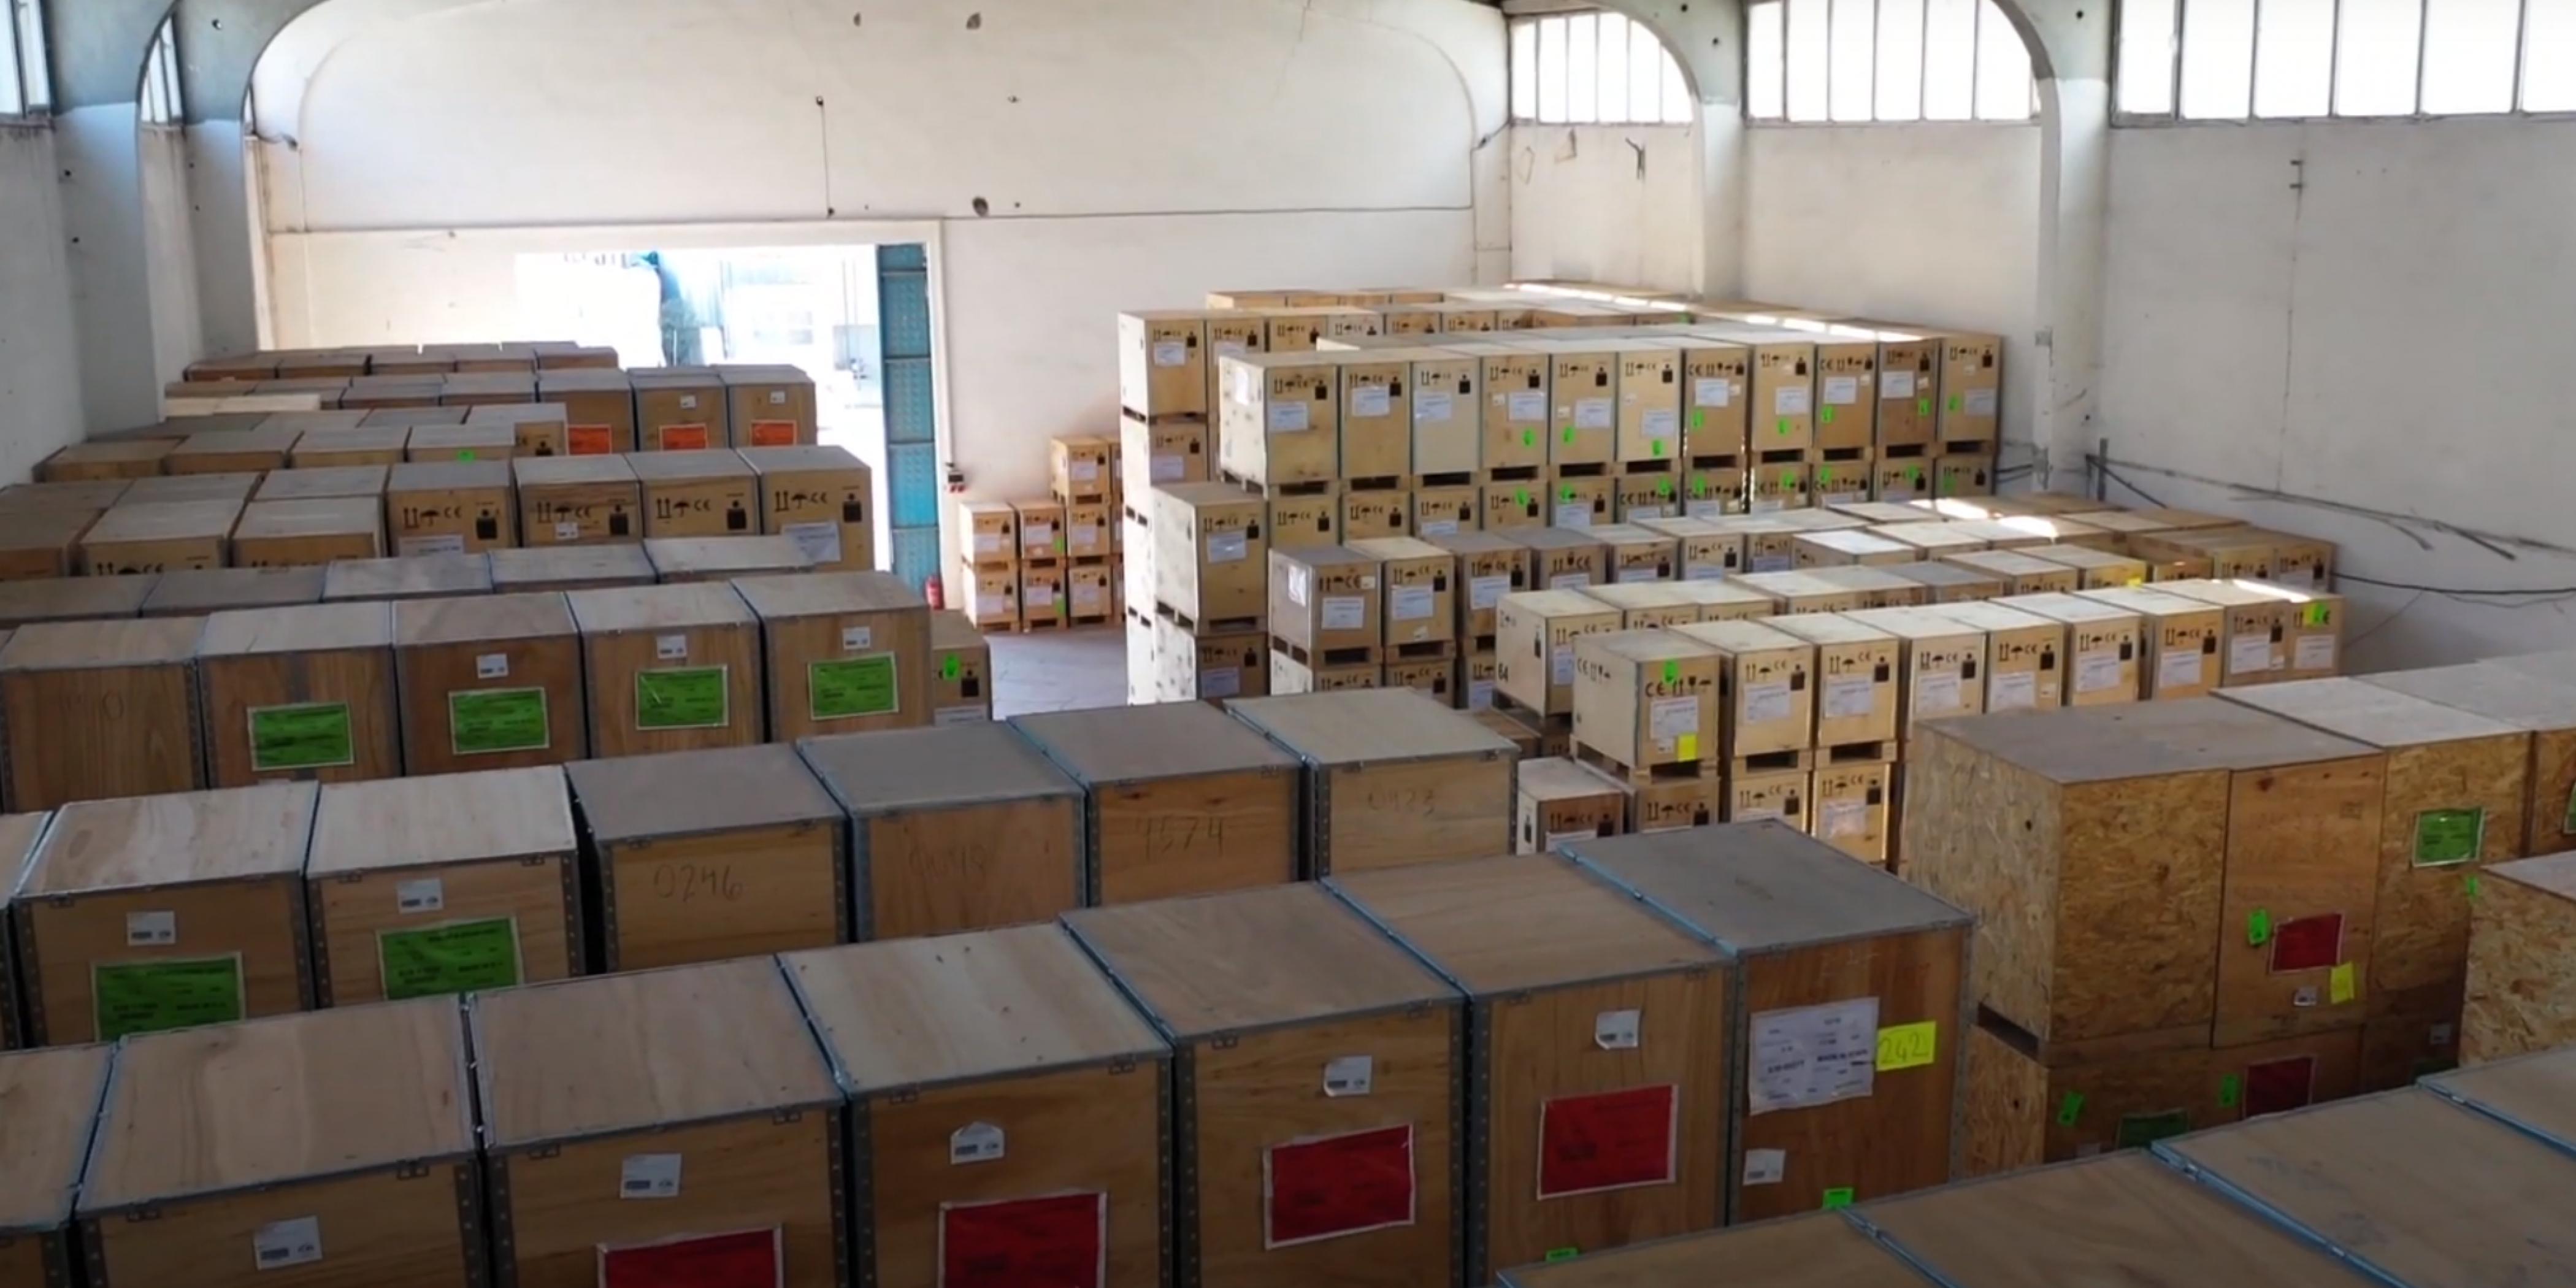 Fupa Lift - Free Zone Warehouse